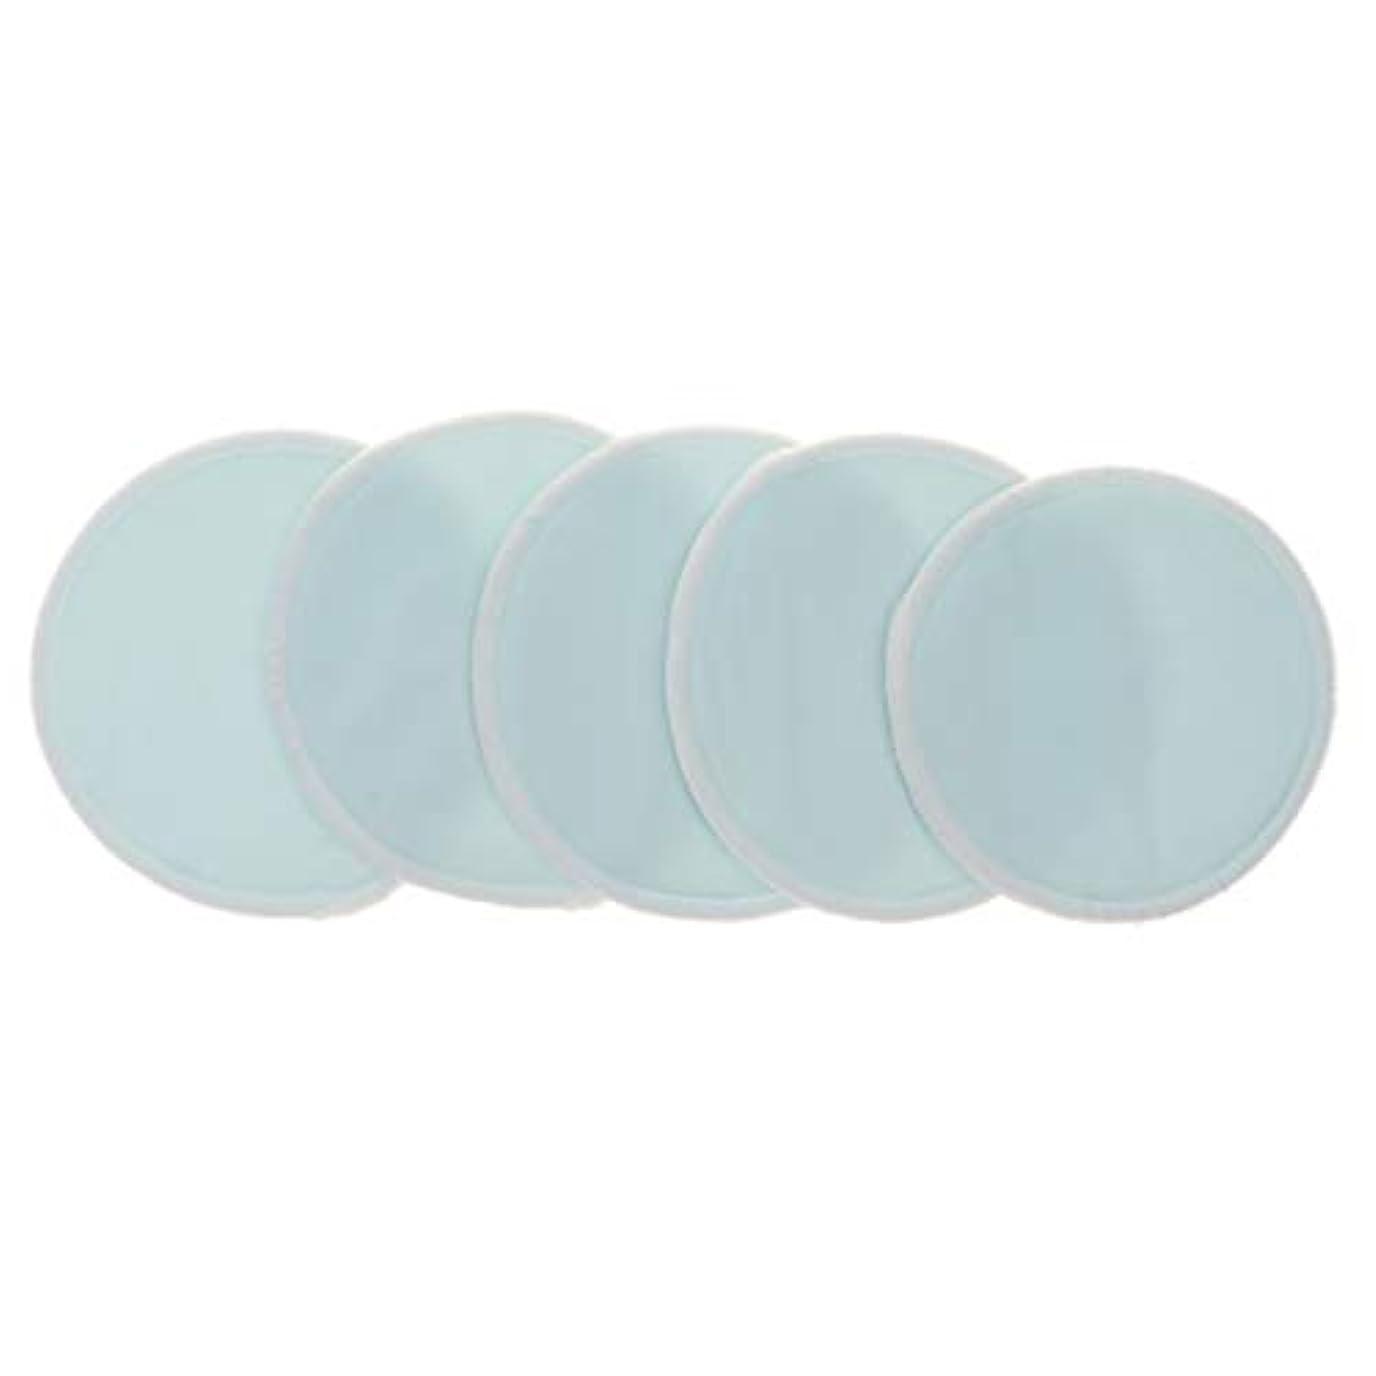 失業ふつうしおれた全5色 胸パッド クレンジングシート メイクアップ 竹繊維 12cm 洗える 再使用可 実用的 5個入 - 青